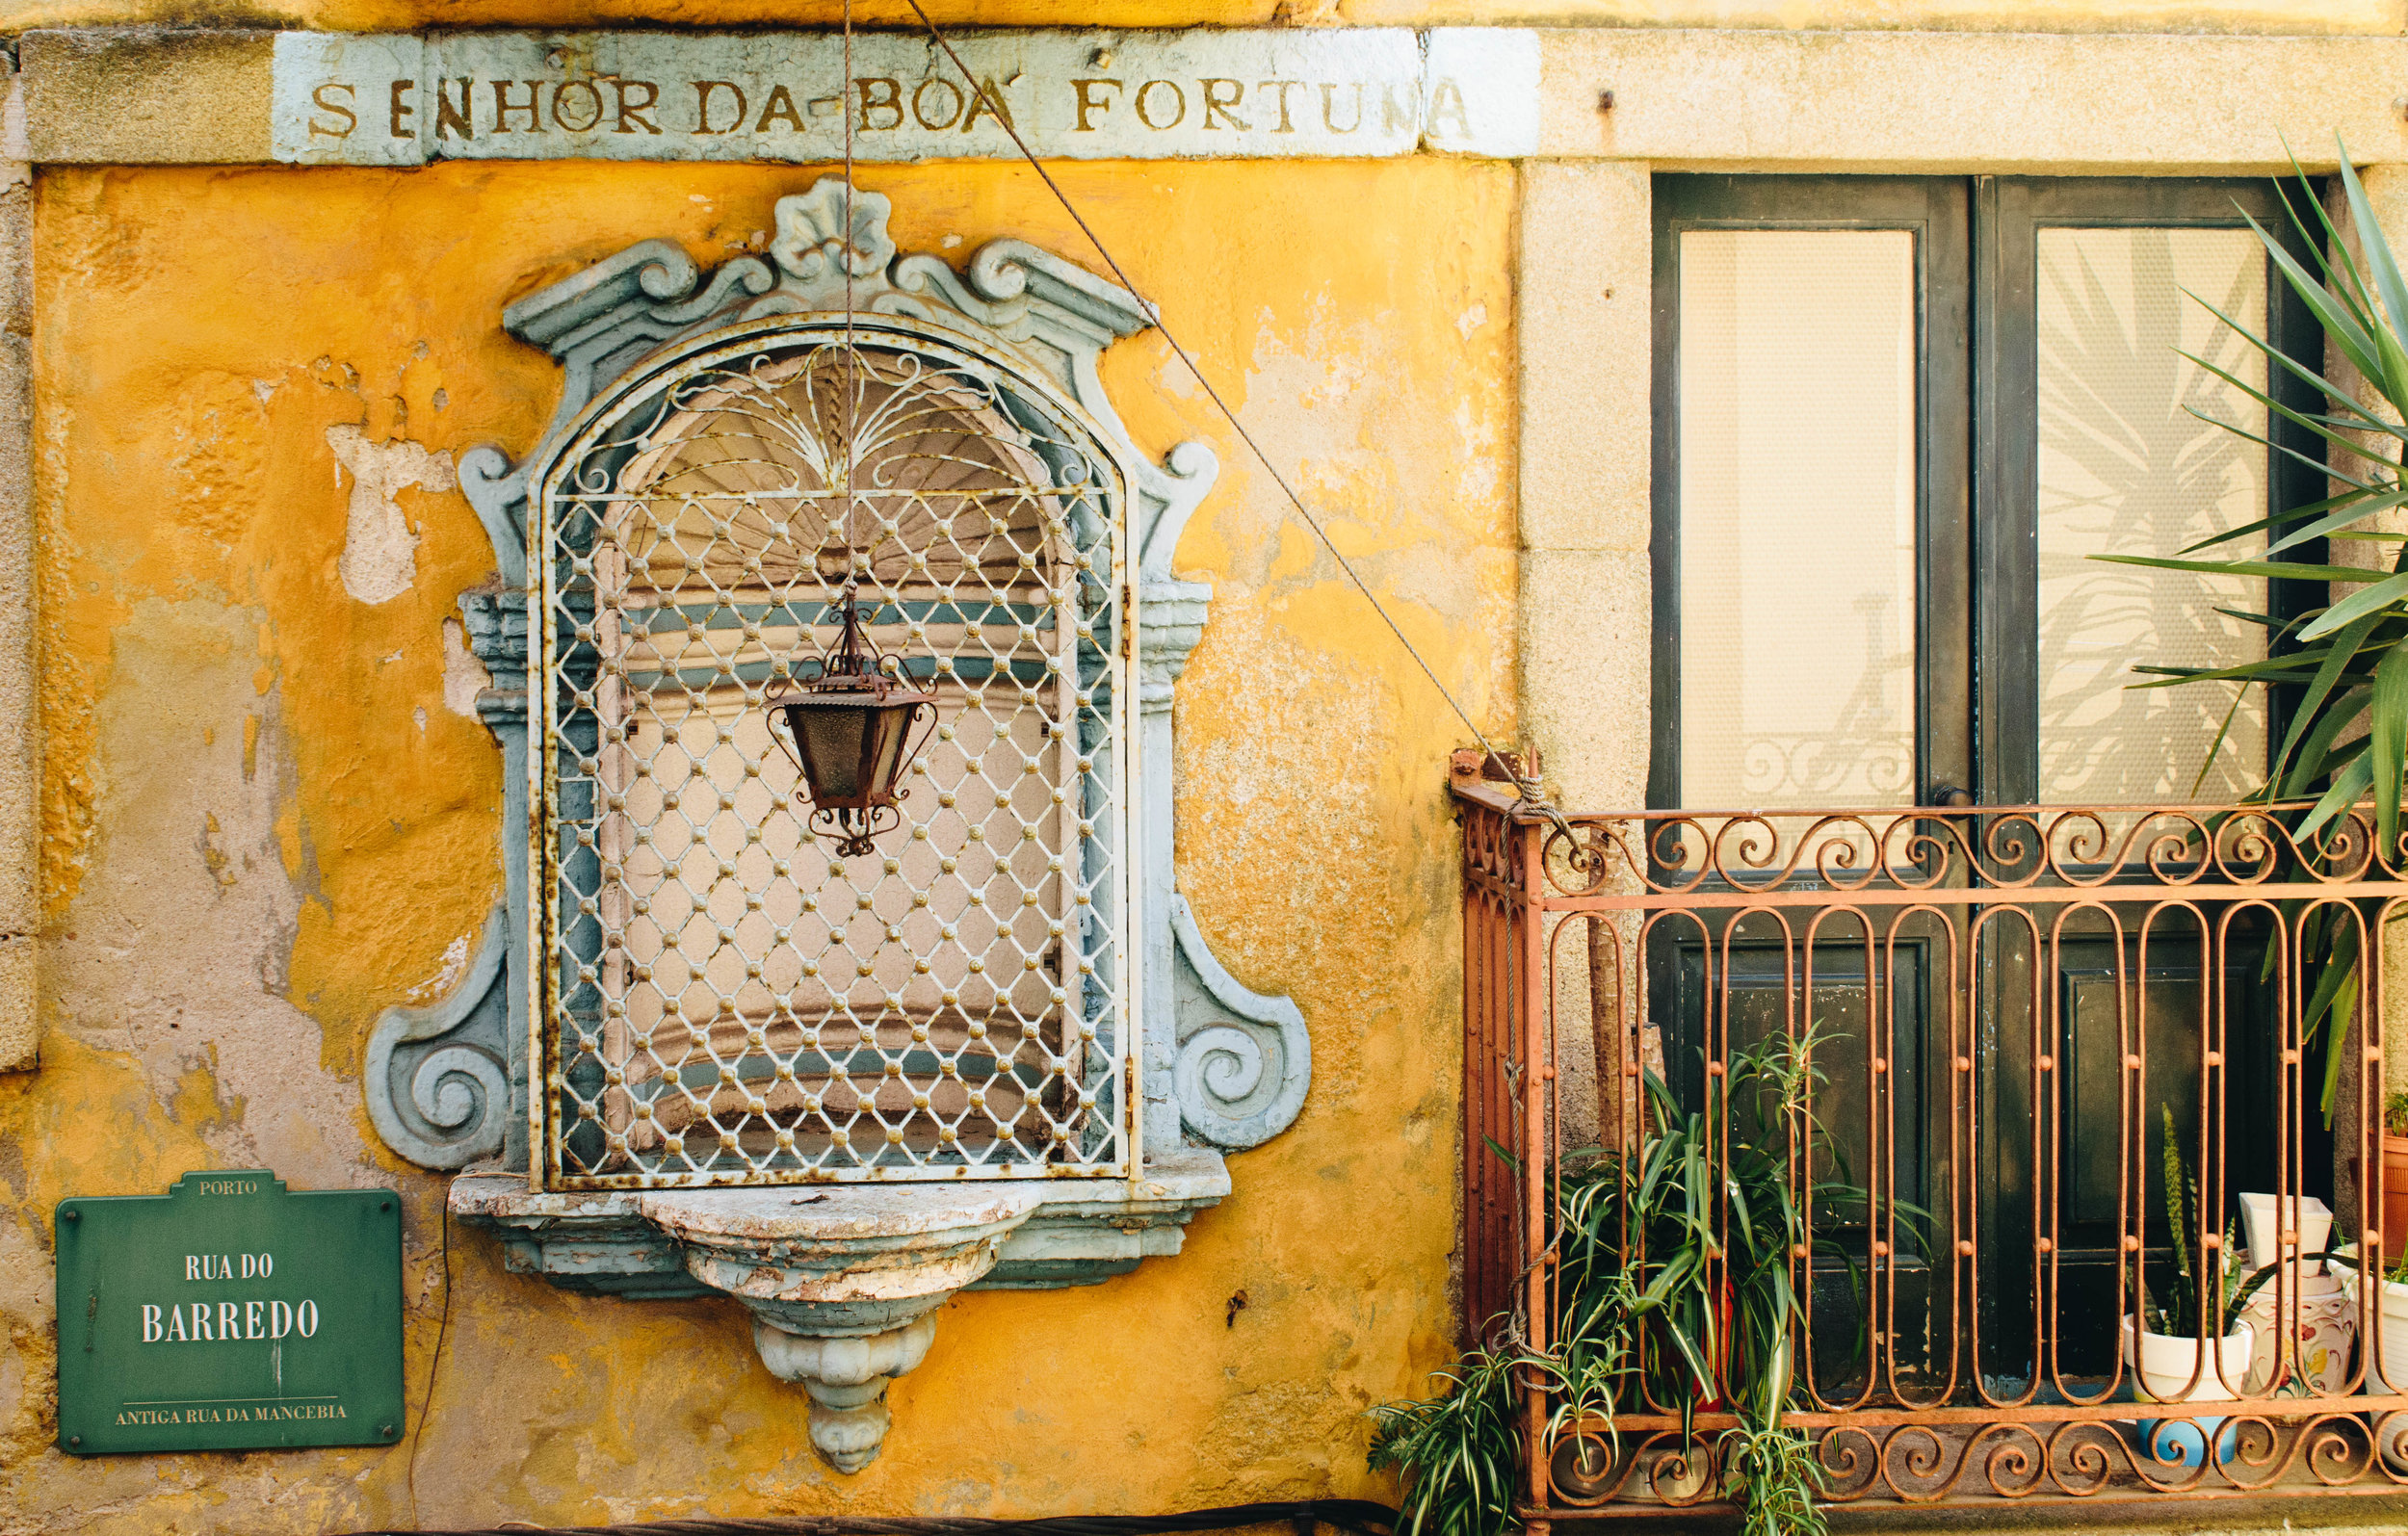 Good-Fortune-Porto-Portugal-Brown-Leather-Book